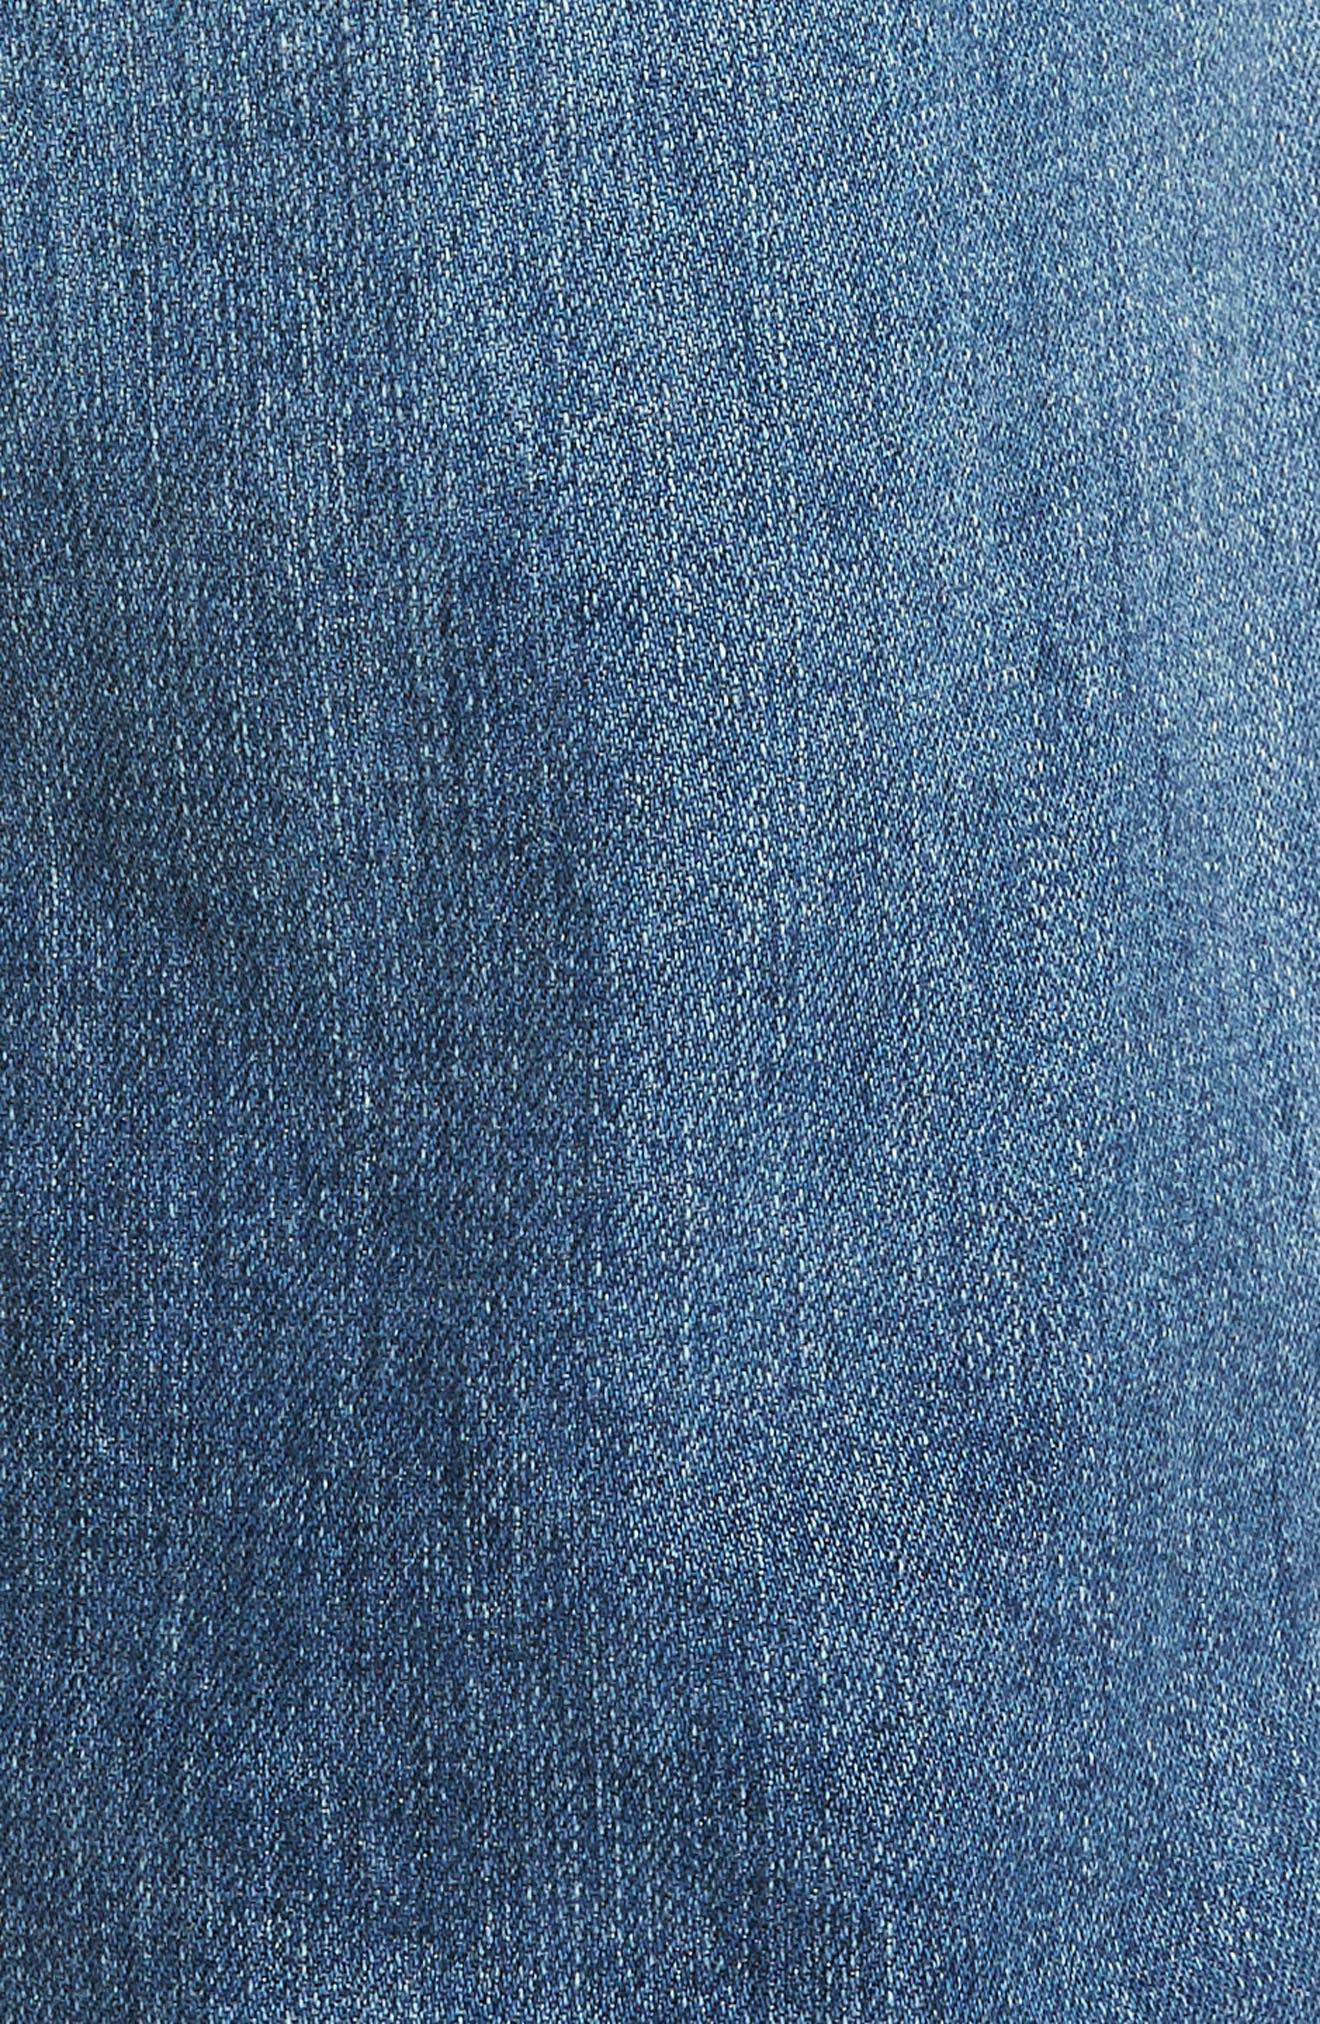 Everett Slim Straight Leg Jeans,                             Alternate thumbnail 5, color,                             15 YEARS SWEPT UP